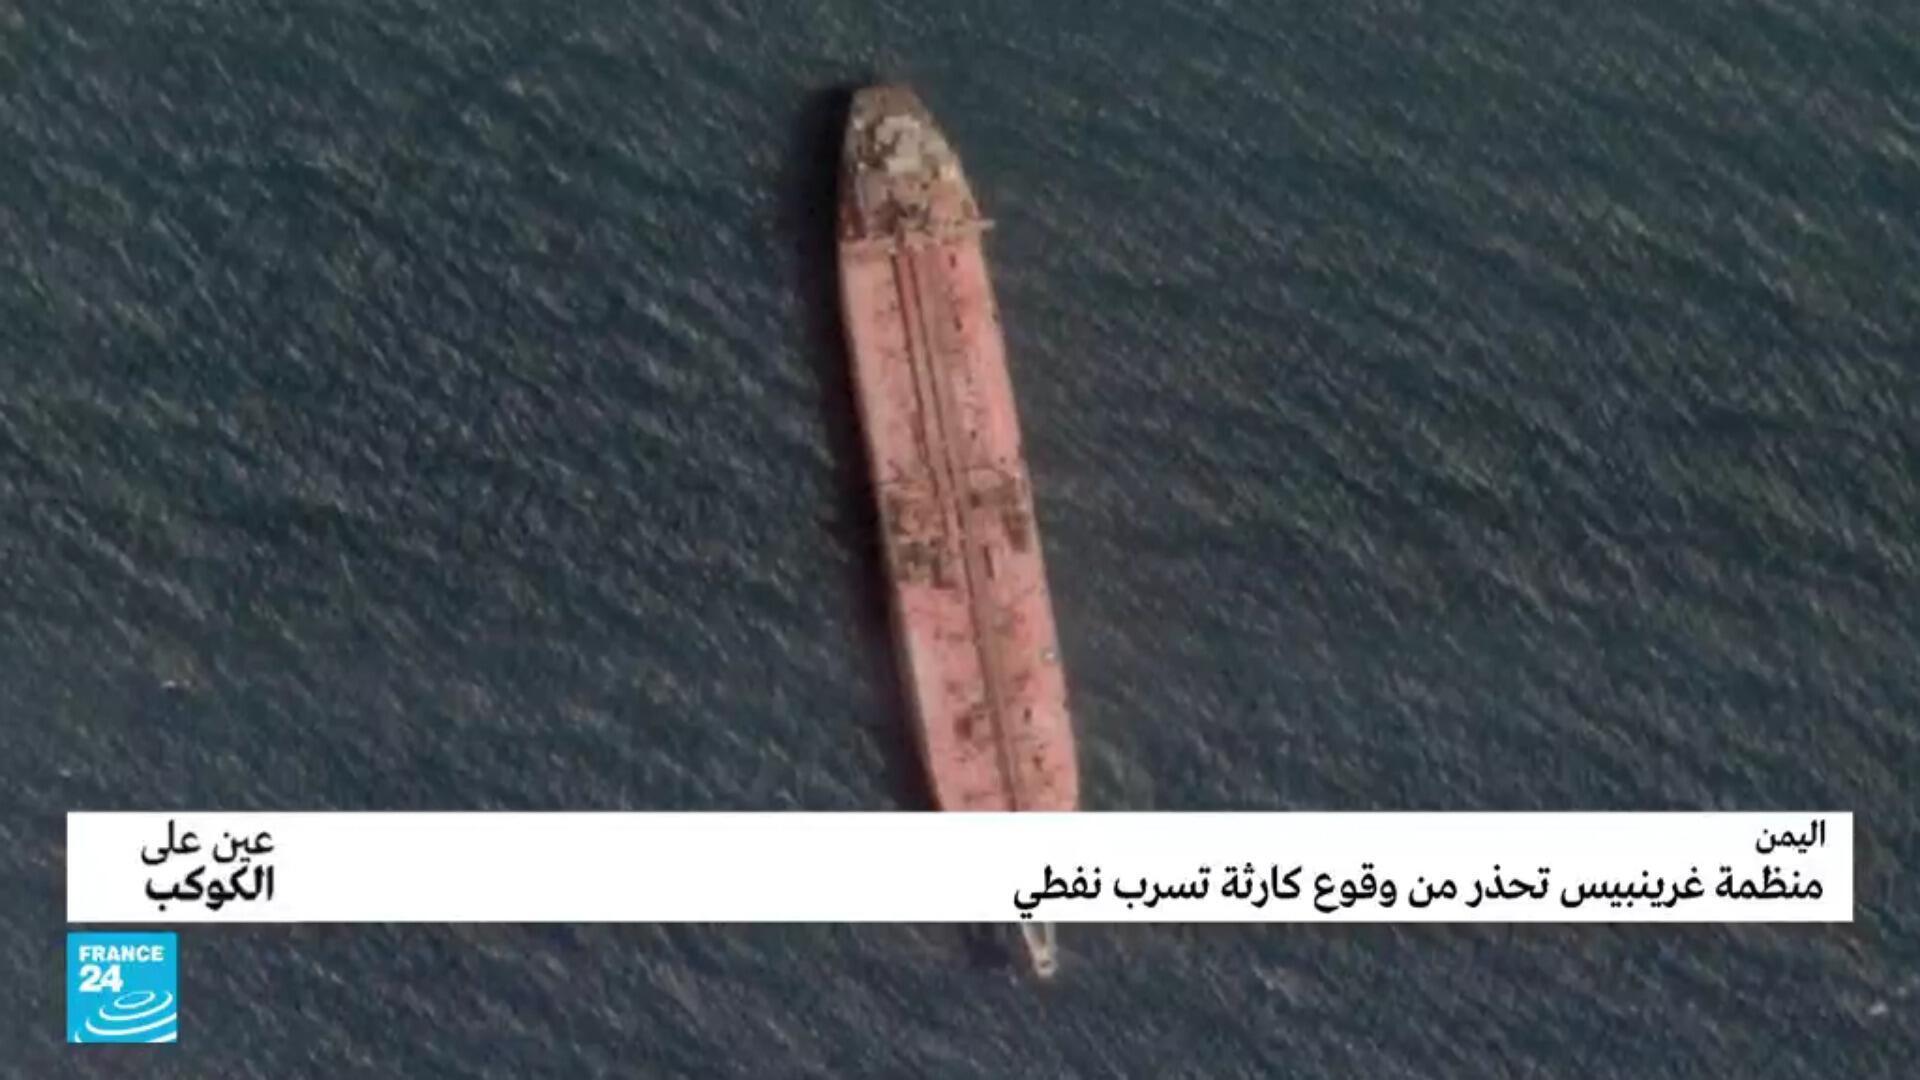 اليمن: منظمة غرينبيس تحذر من وقوع كارثة تسرب نفطي!